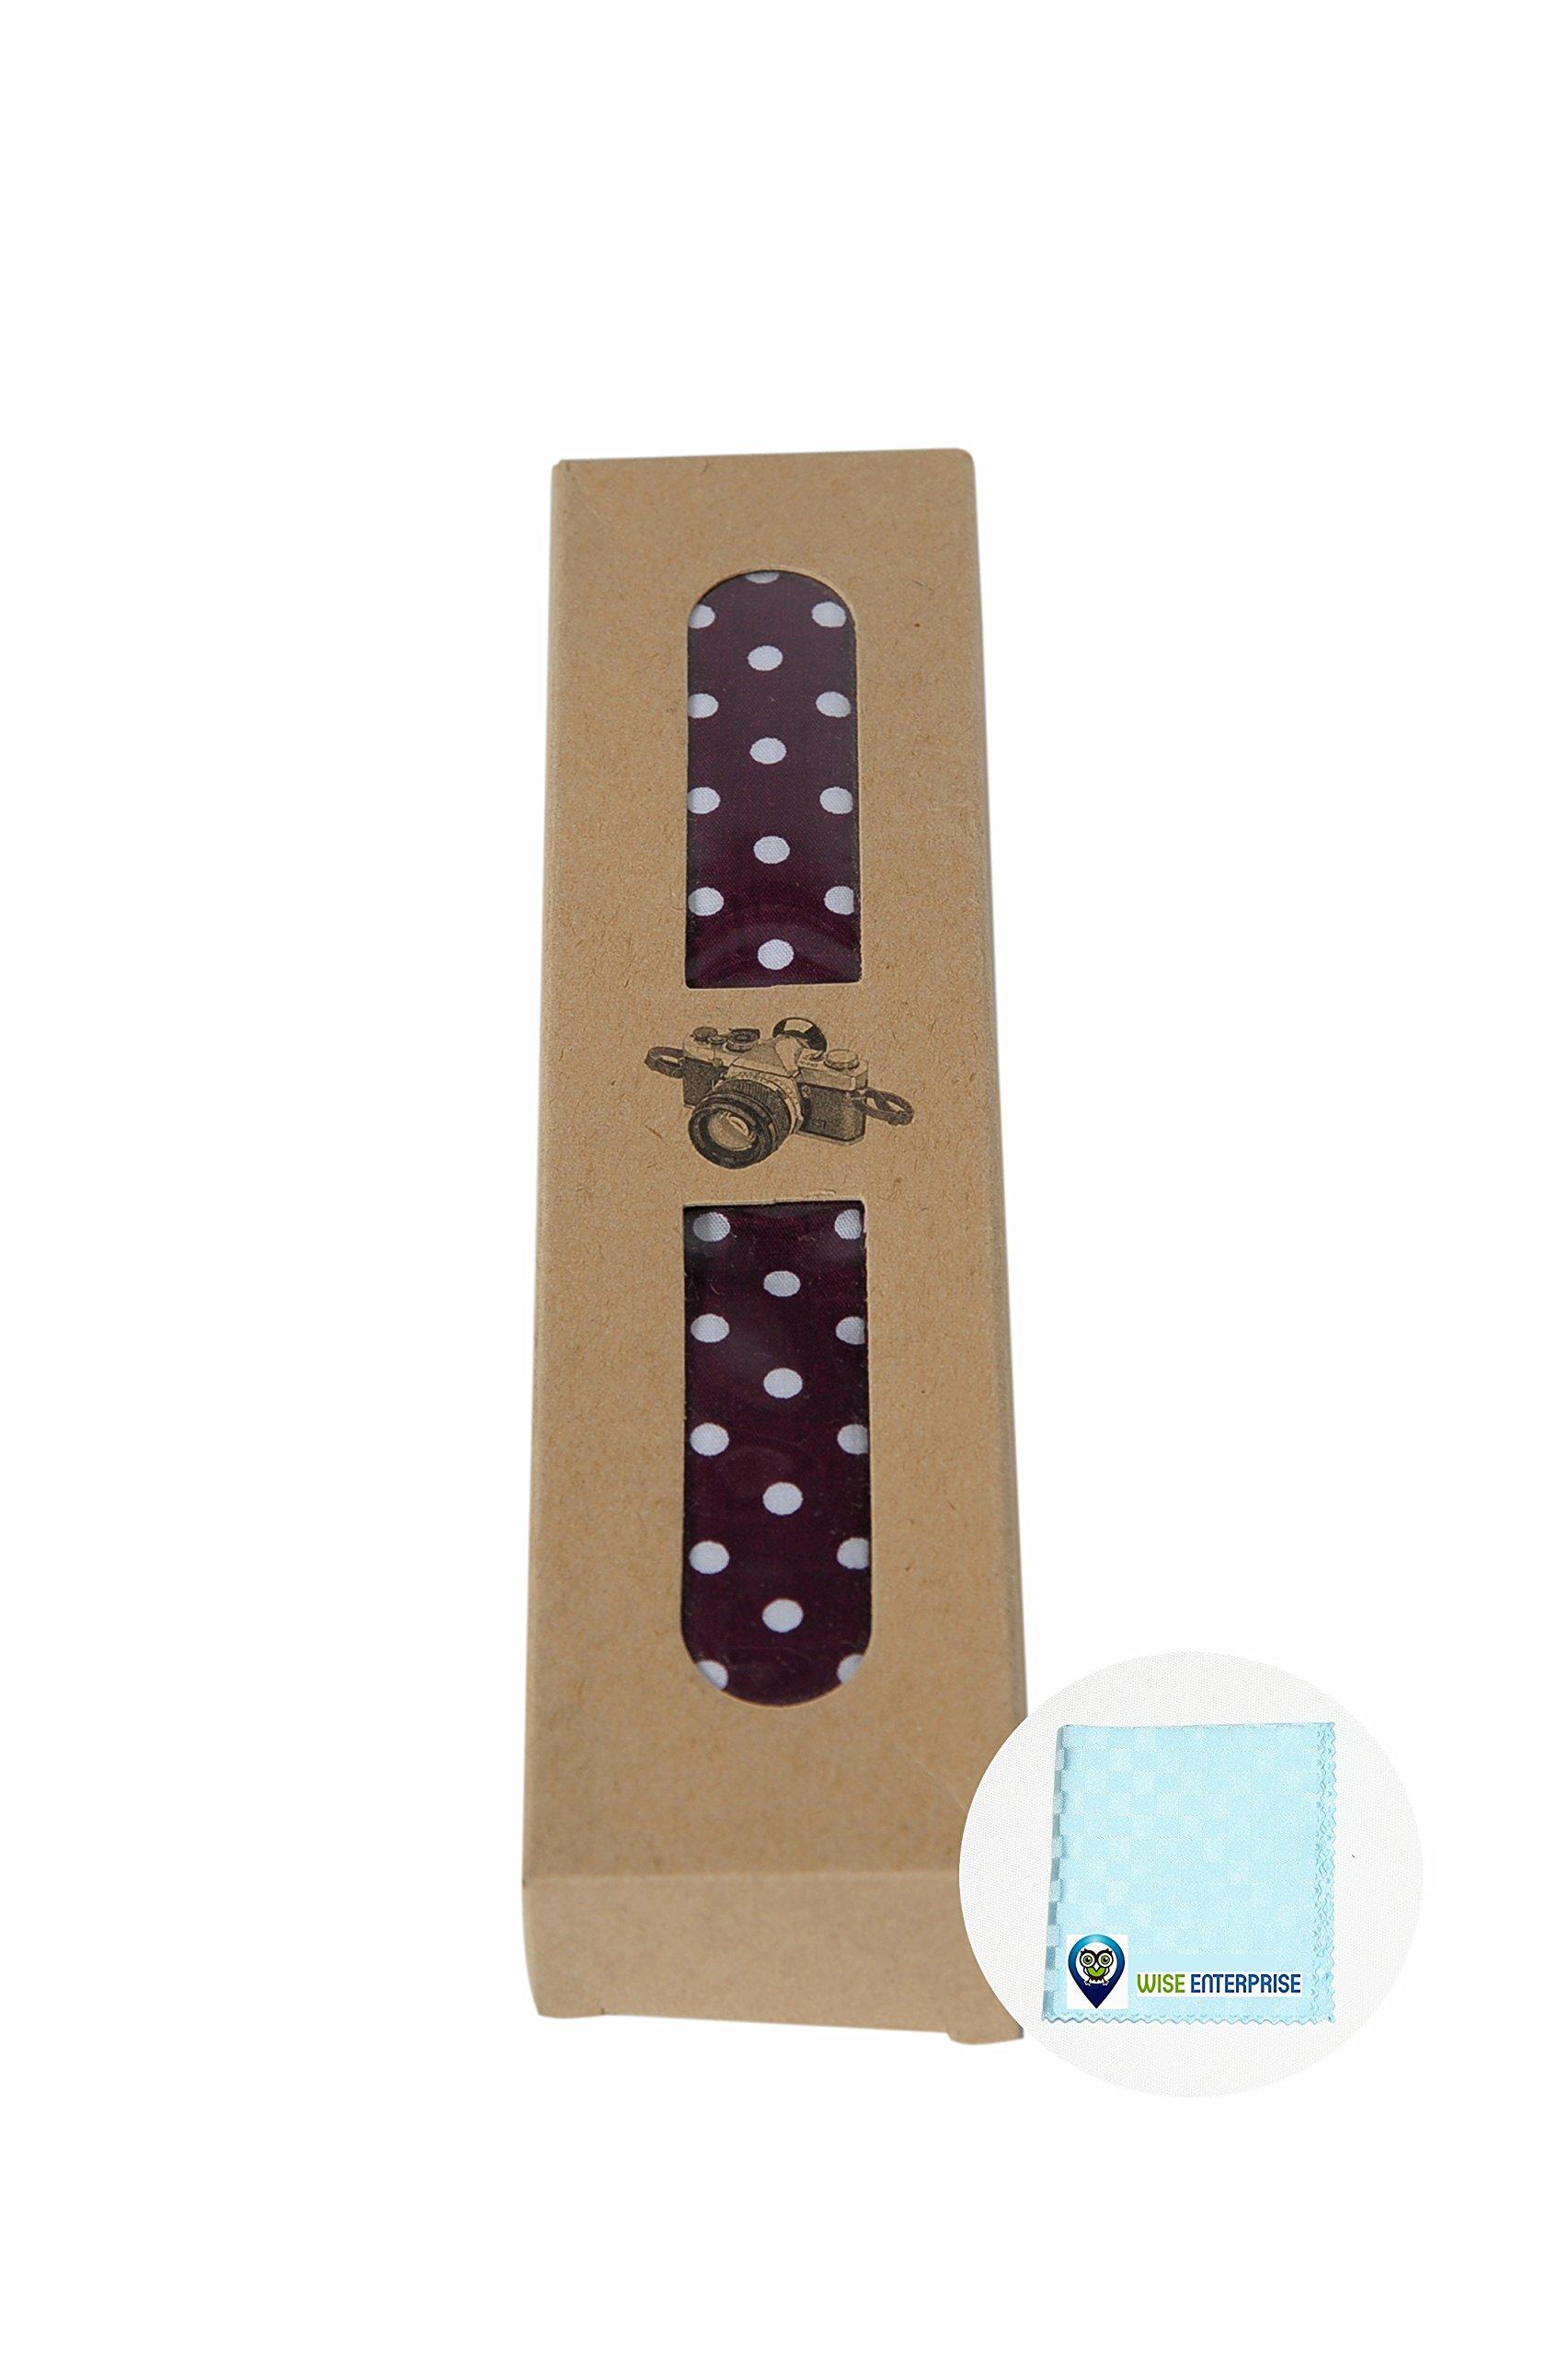 Holiday Shutterbugs Camera Strap Sale - Polka Dot Delight - Maroon - Wise Enterprise - Ladies Quality Custom Colorful Designer Vintage Adjustable Shoulder Neck Strap DSLR & Video Cams